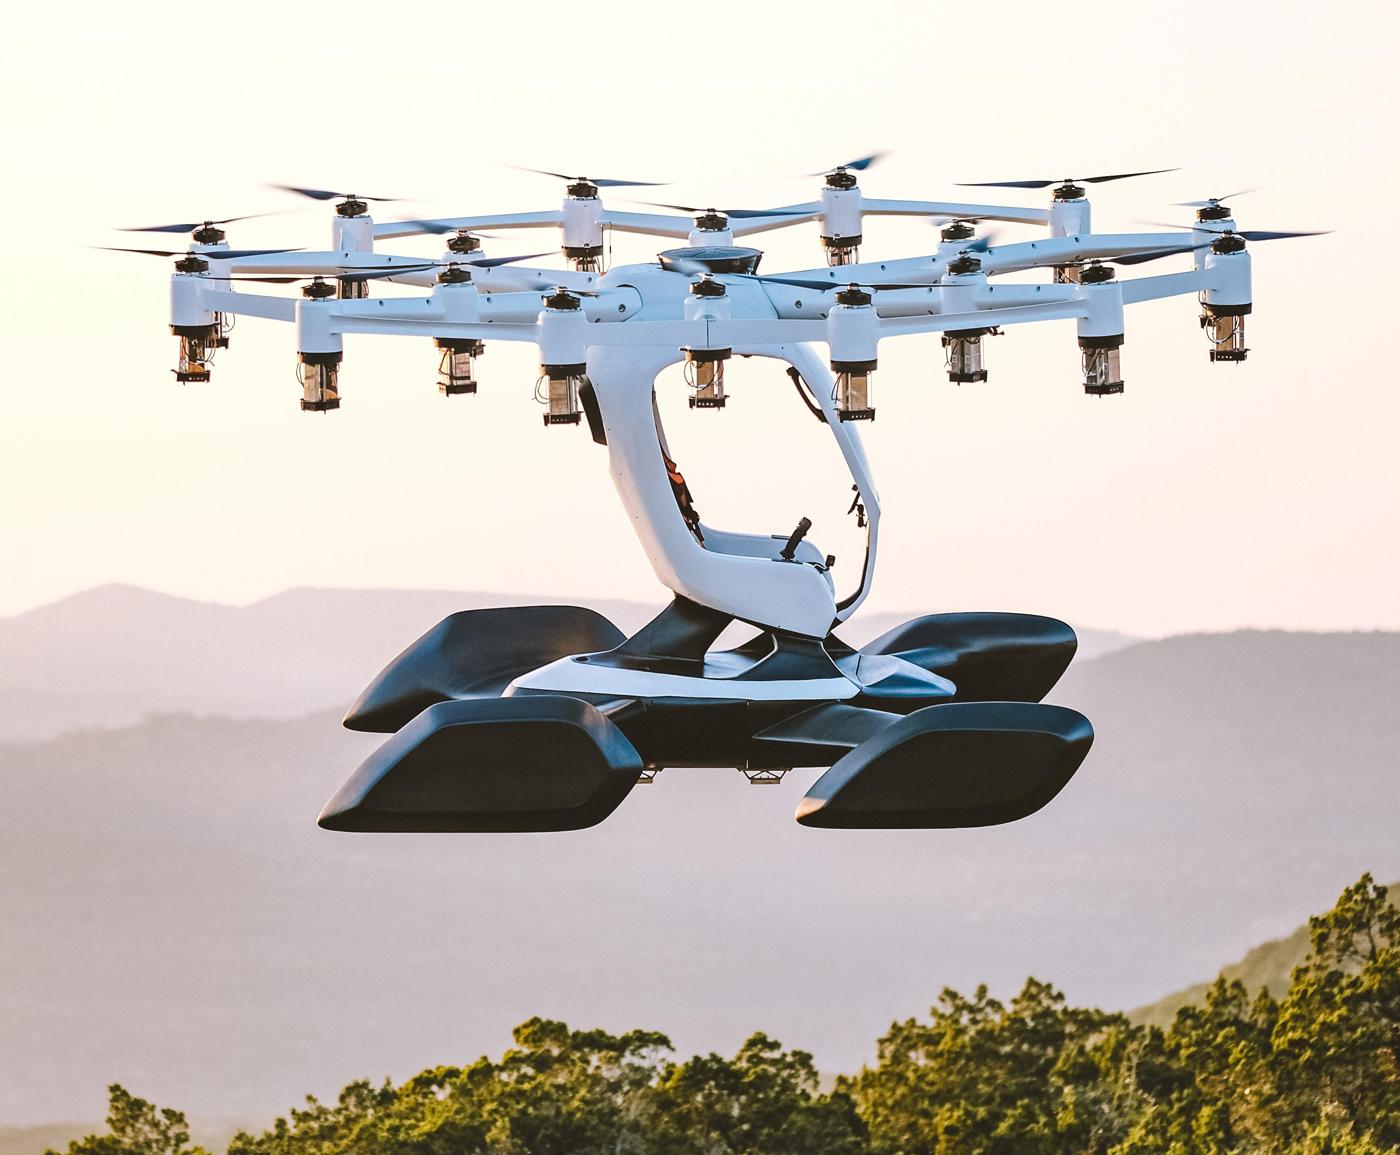 ماشین پرنده که Hexa نام داشته و توسط یک کمپانی مستقر در تگزاس به نام LIFT Aircraft طراحی و ساخته شده بسیار سبک بوده، تنها 432 پوند (196 کیلوگرم) داشته و با 12 روتور مستقل به پرواز در می آید.